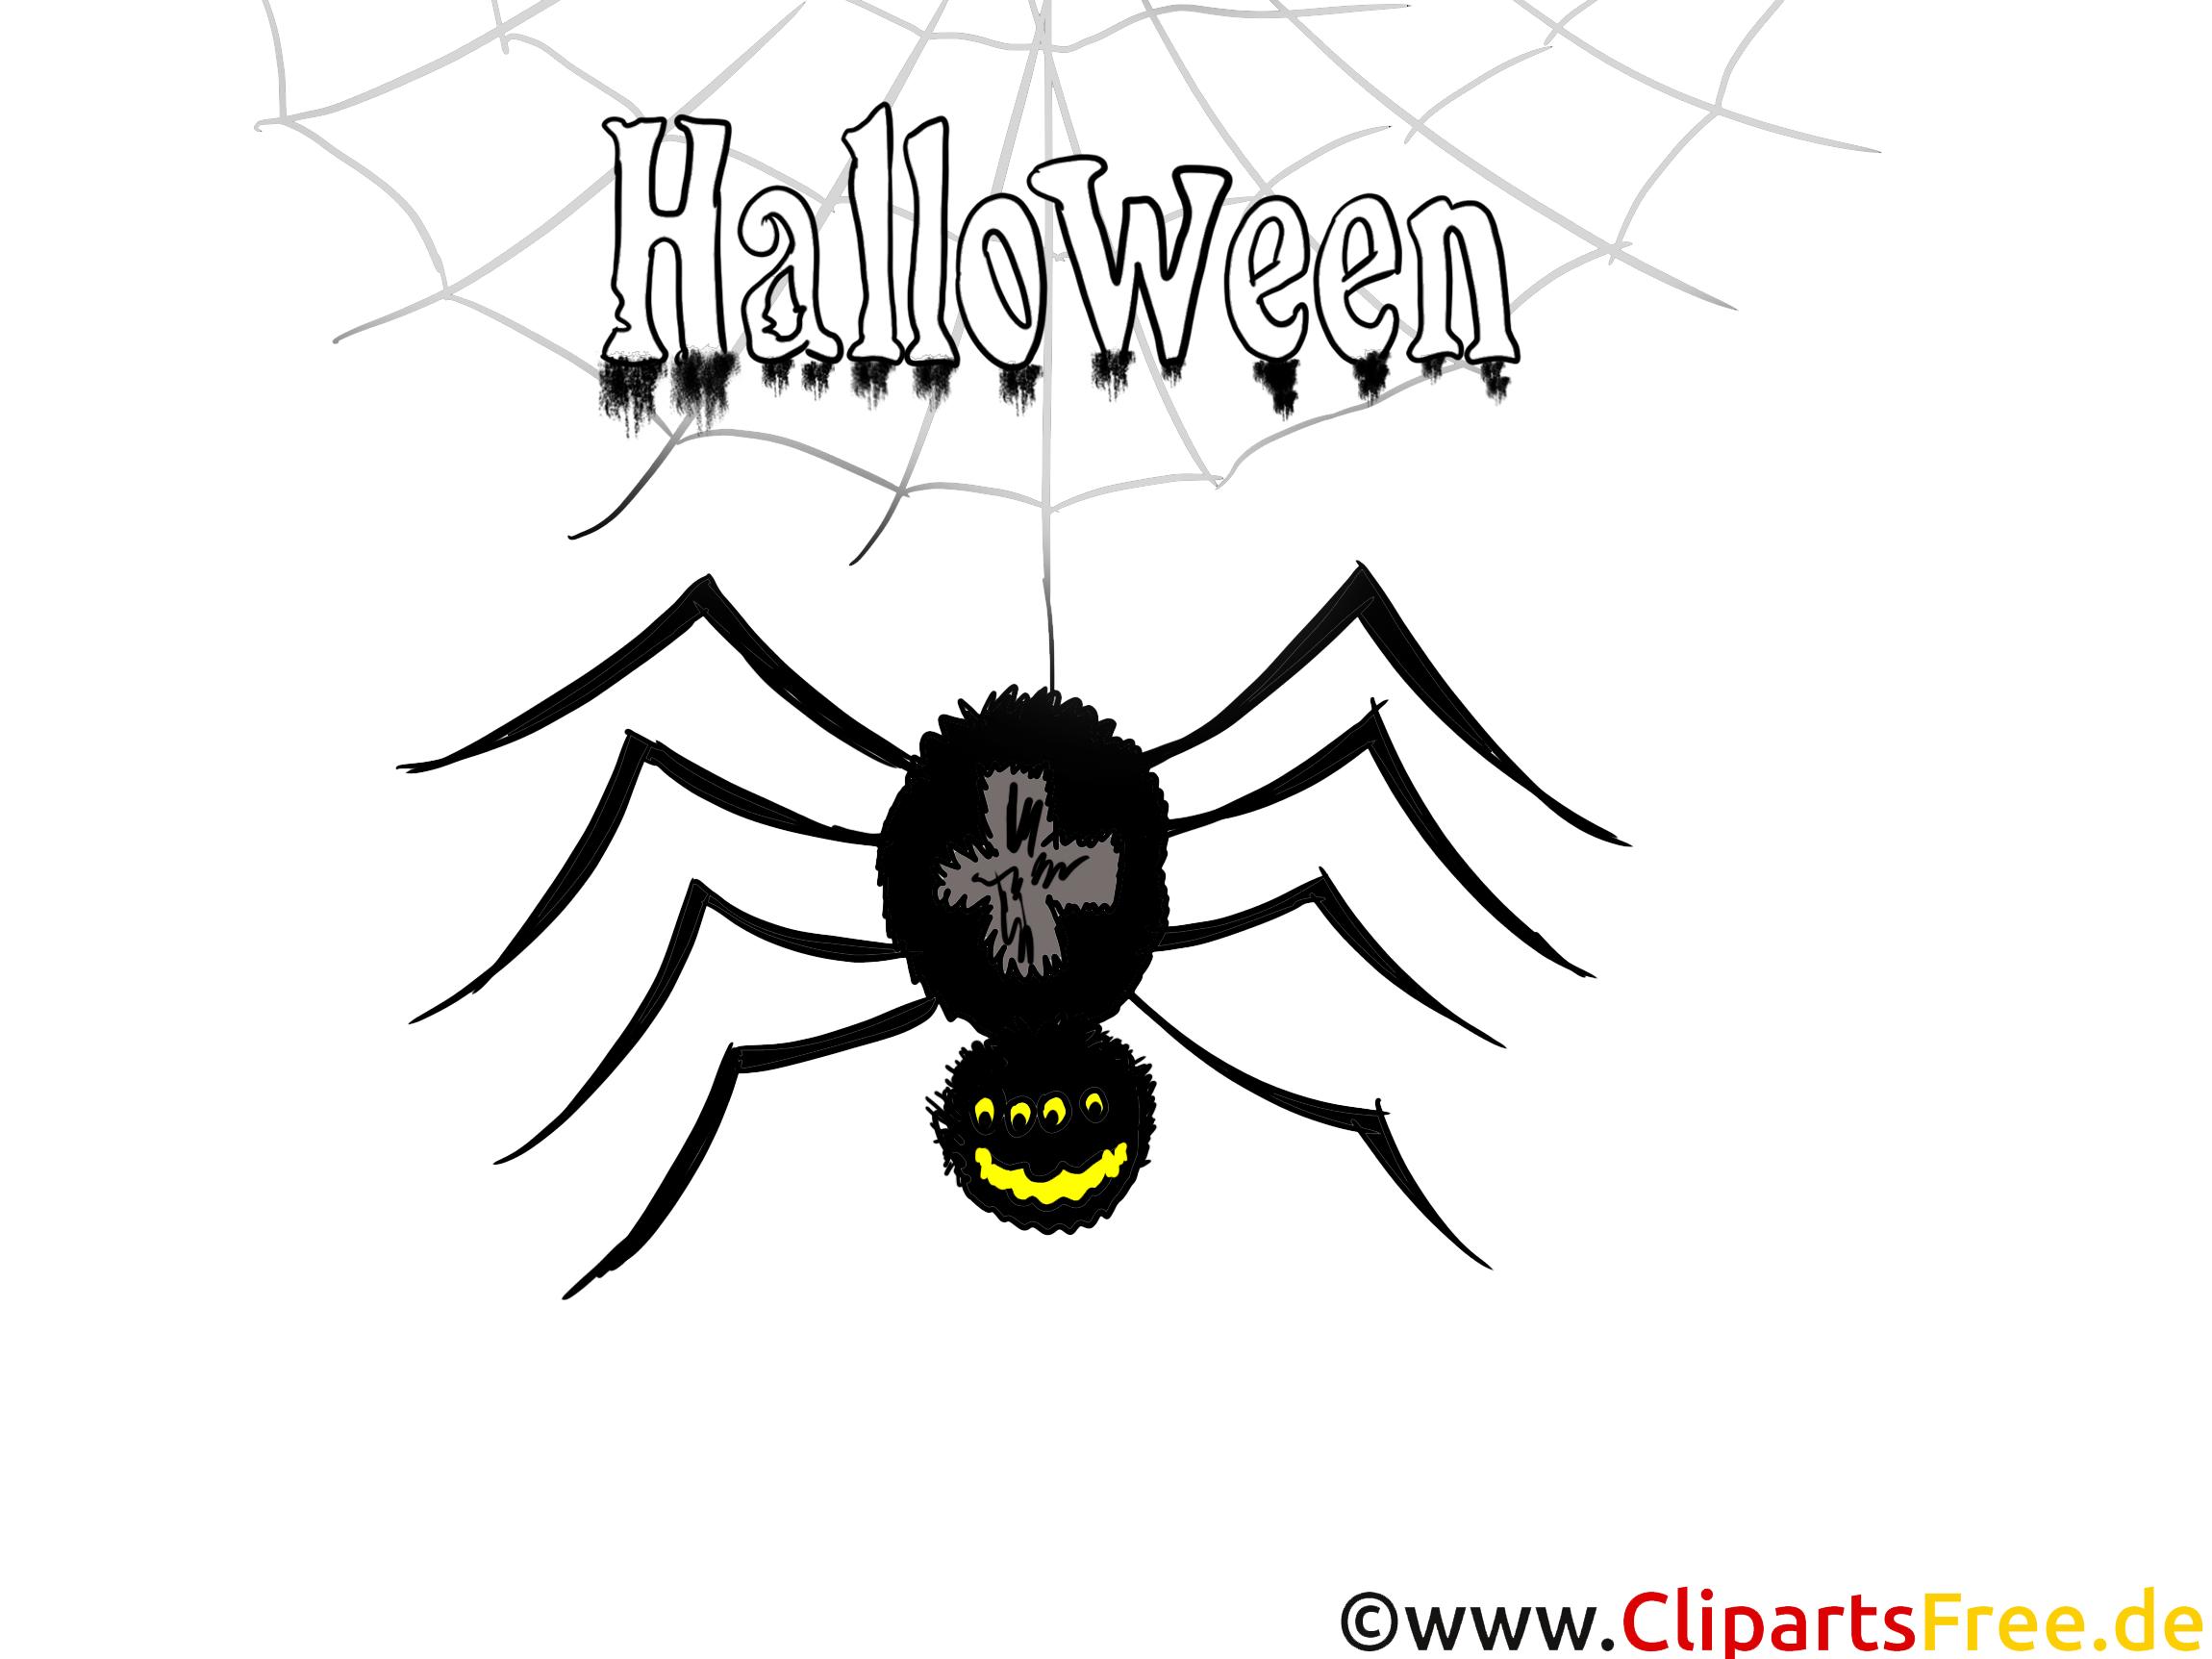 Spider Illustratie - illustraties, afbeeldingen, graphics, clipart, strips, tekenfilms voor Halloween